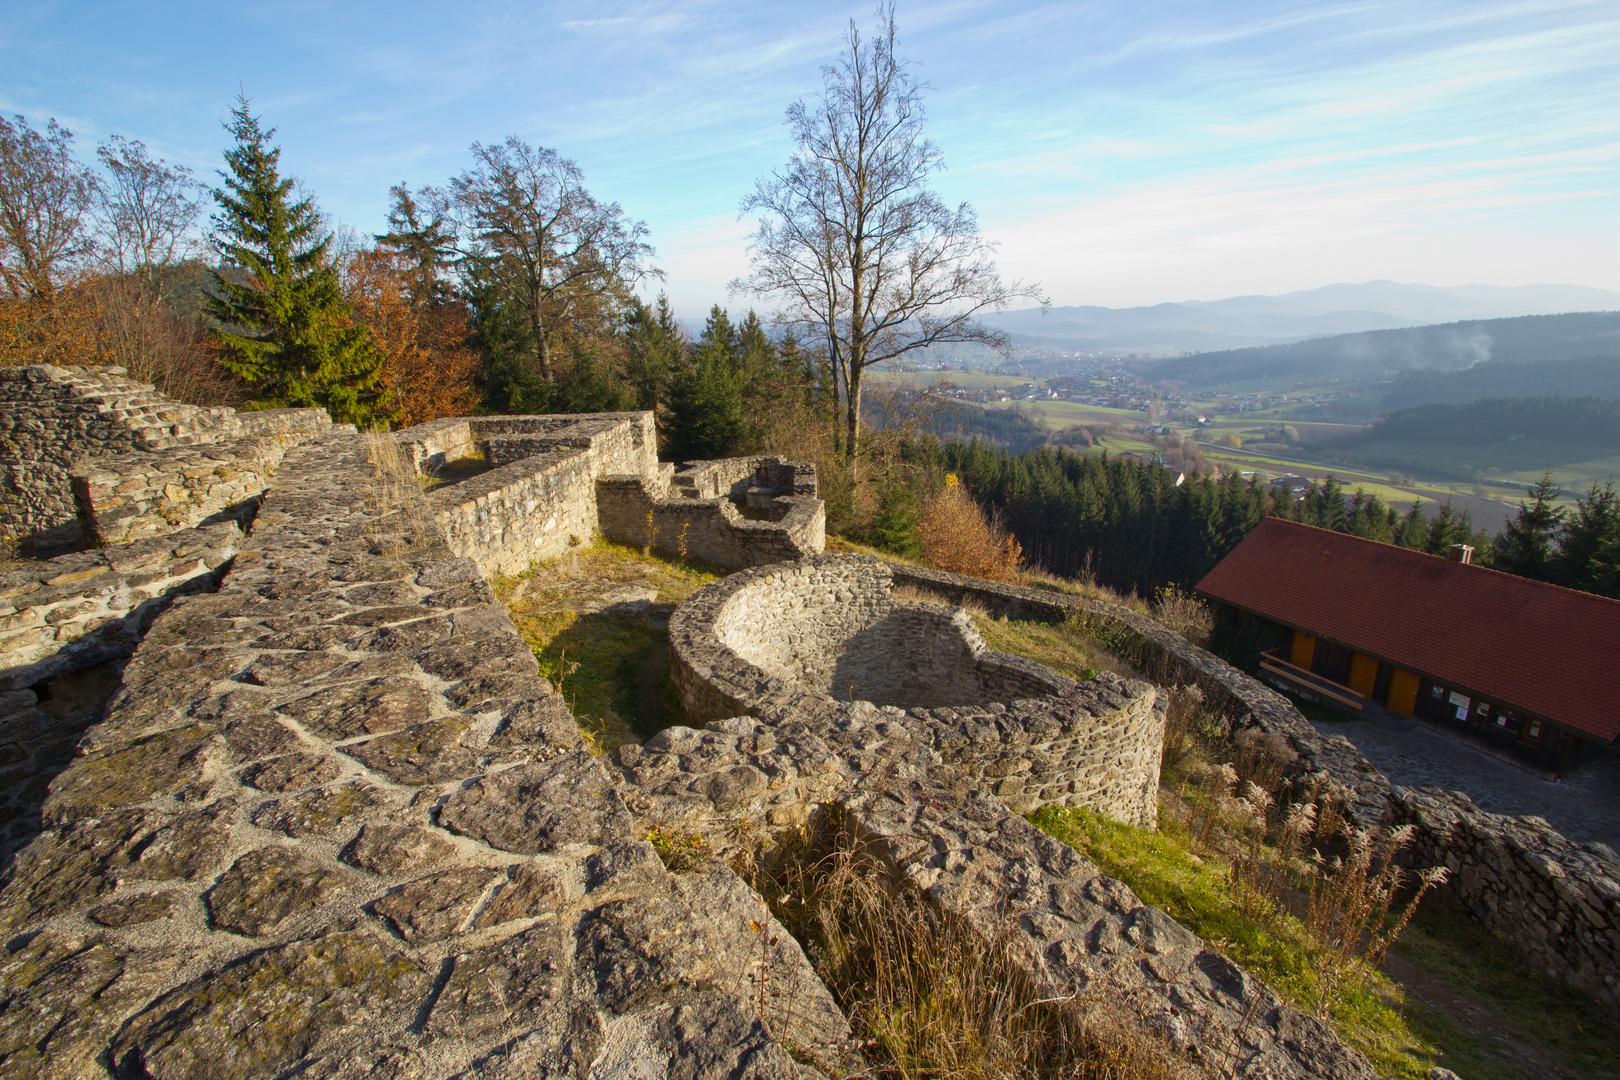 Blick über die Burgruine Altnußberg ins Tal